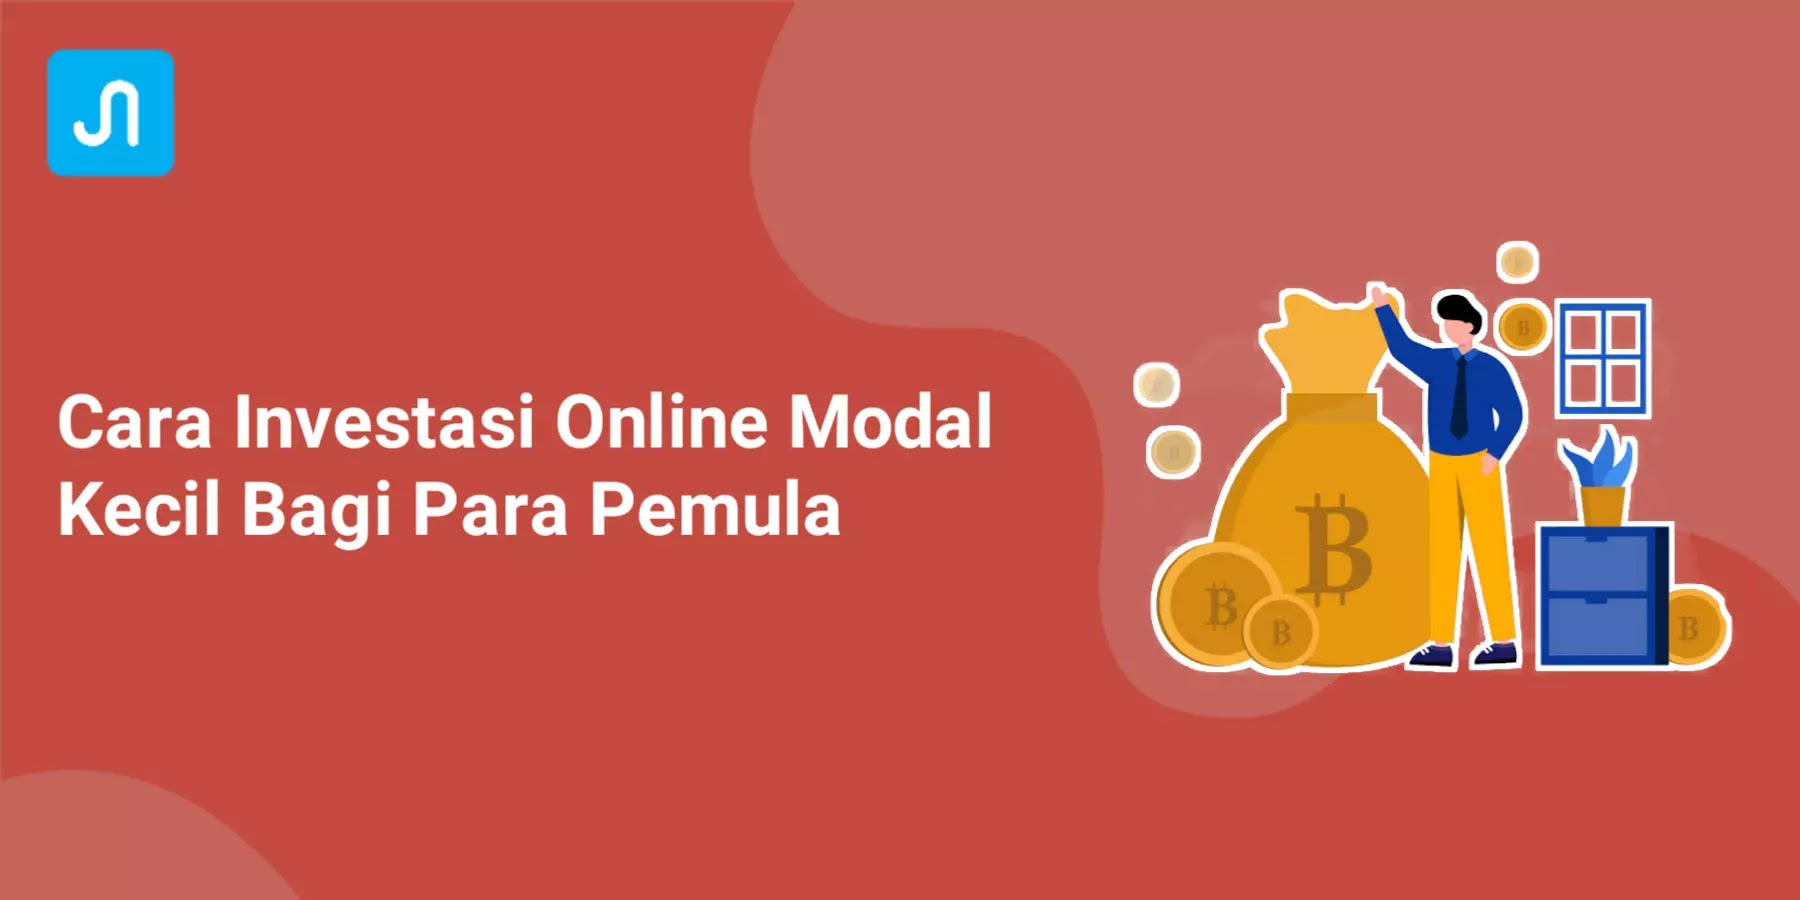 Cara Investasi Online Modal Kecil Bagi Para Pemula - Jagonesia